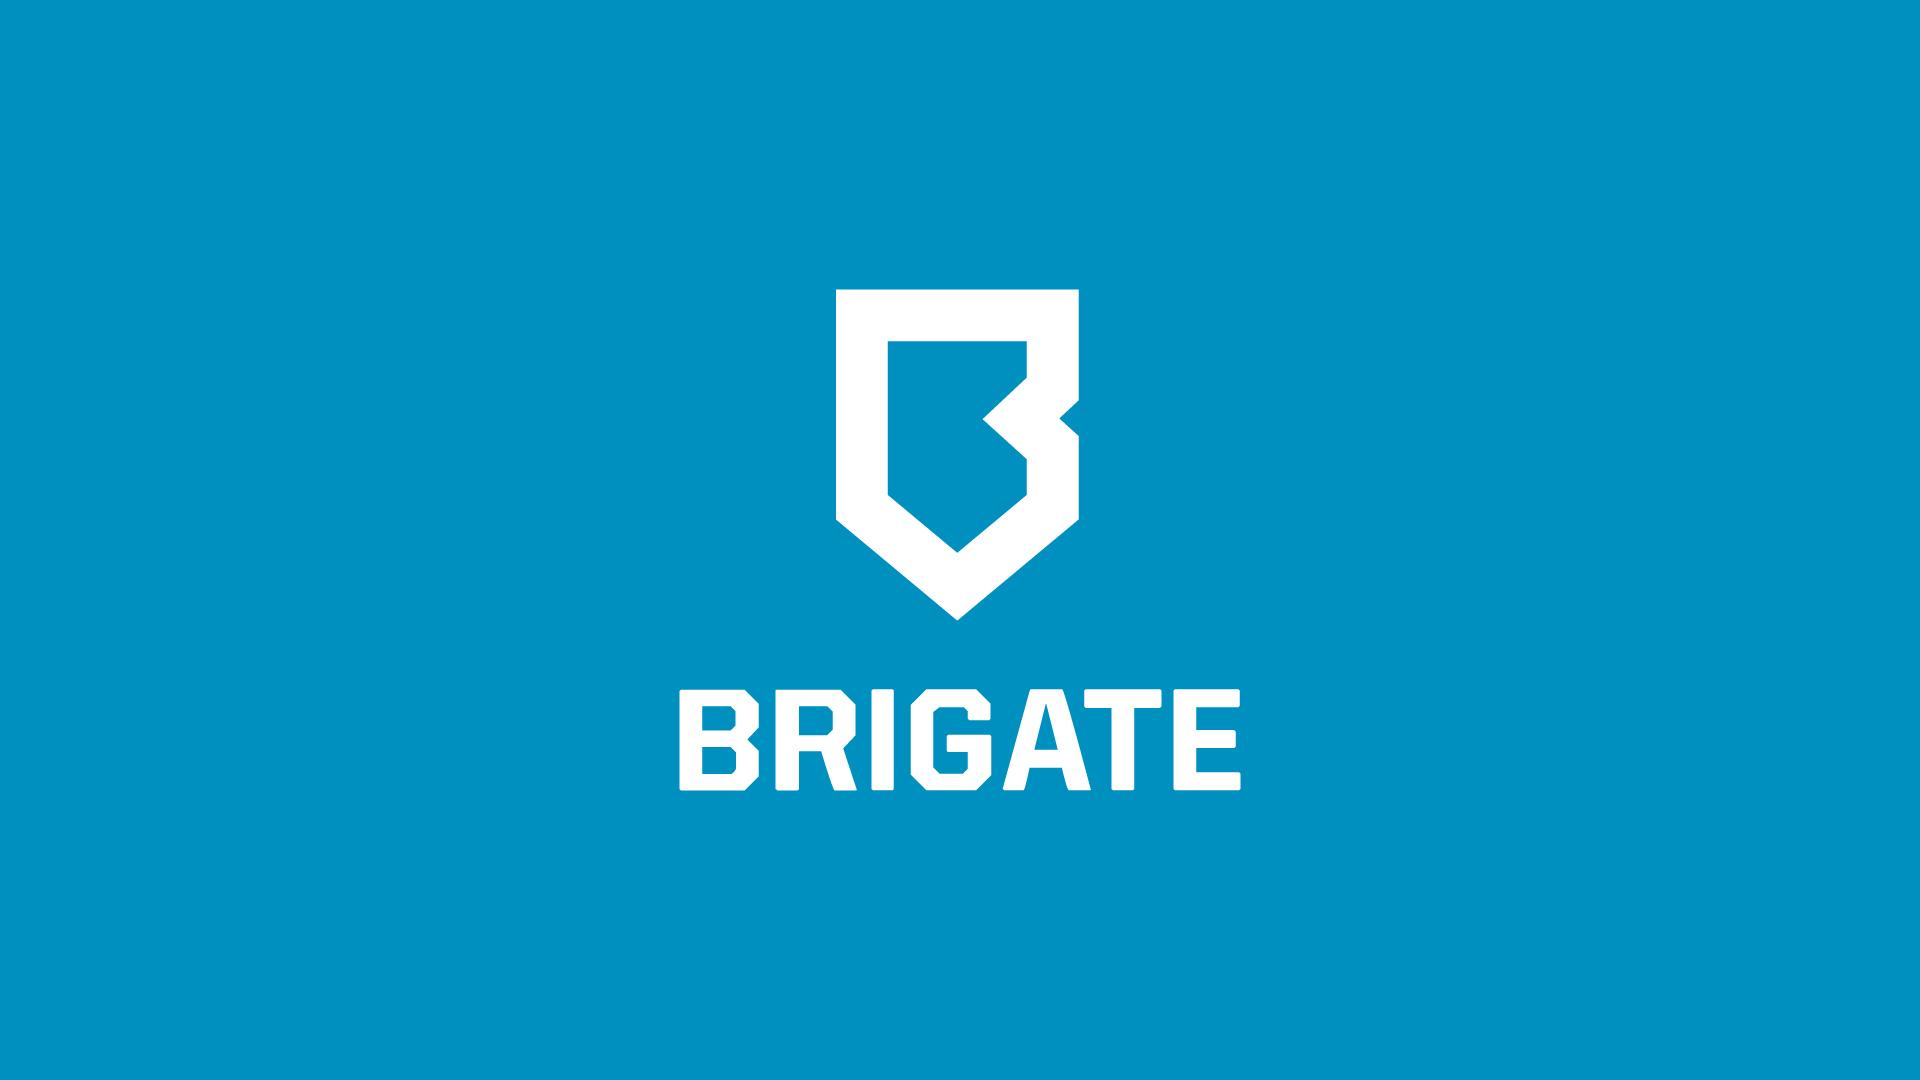 02_Brigate